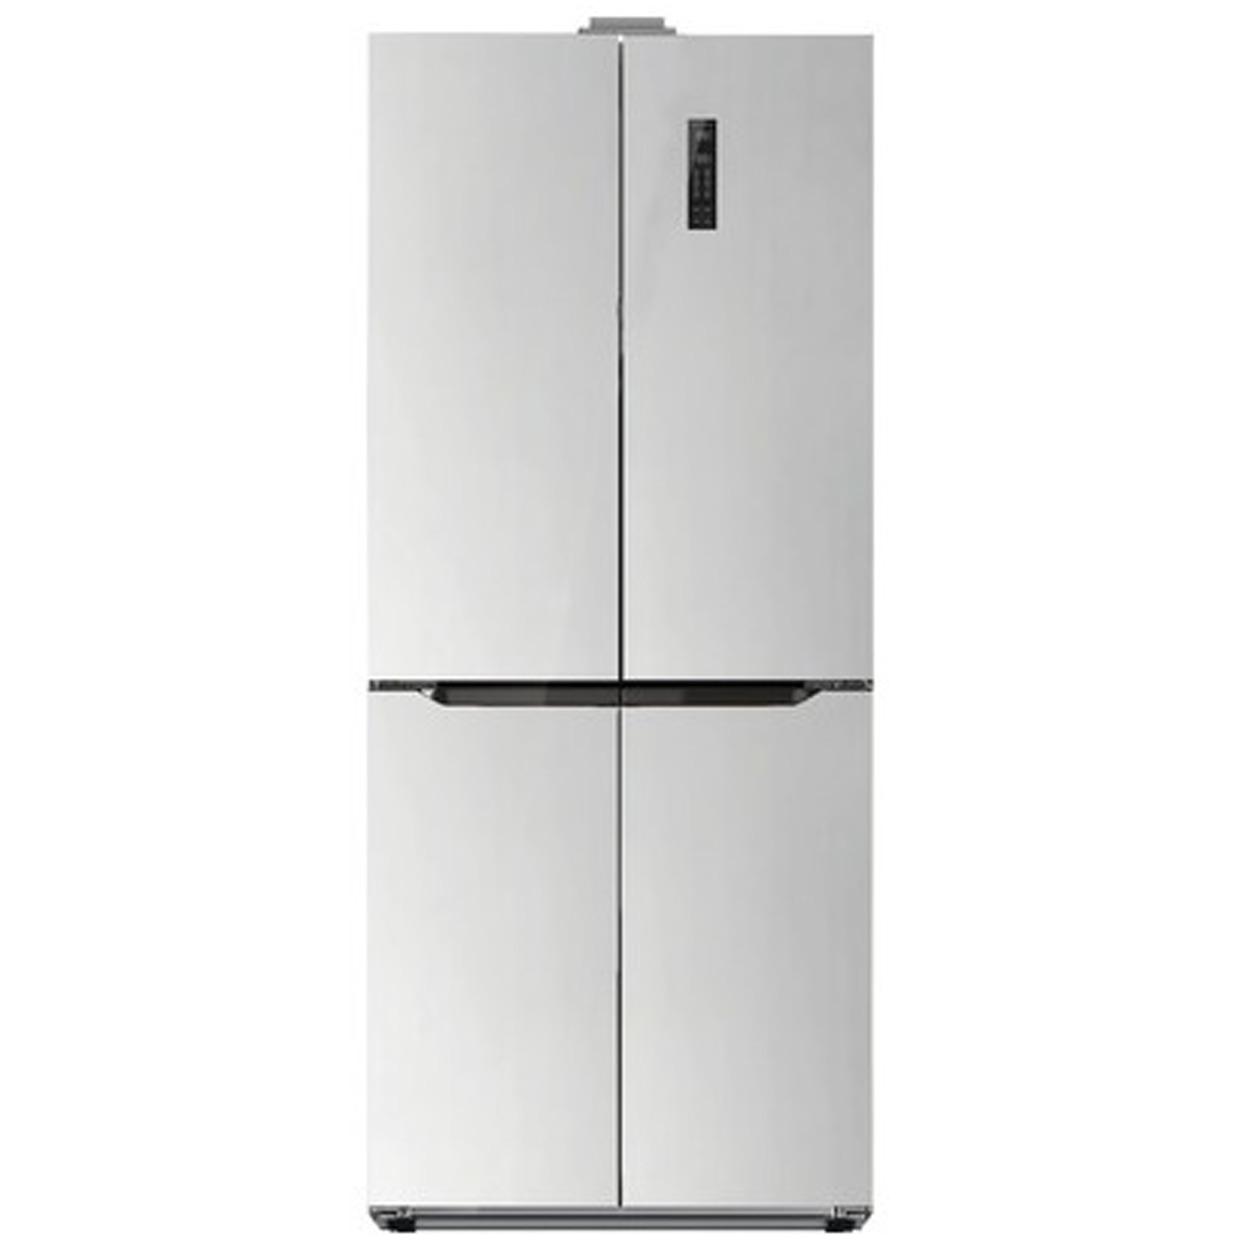 Schneider amerikaanse koelkast SCD 400 A++ NF Inox